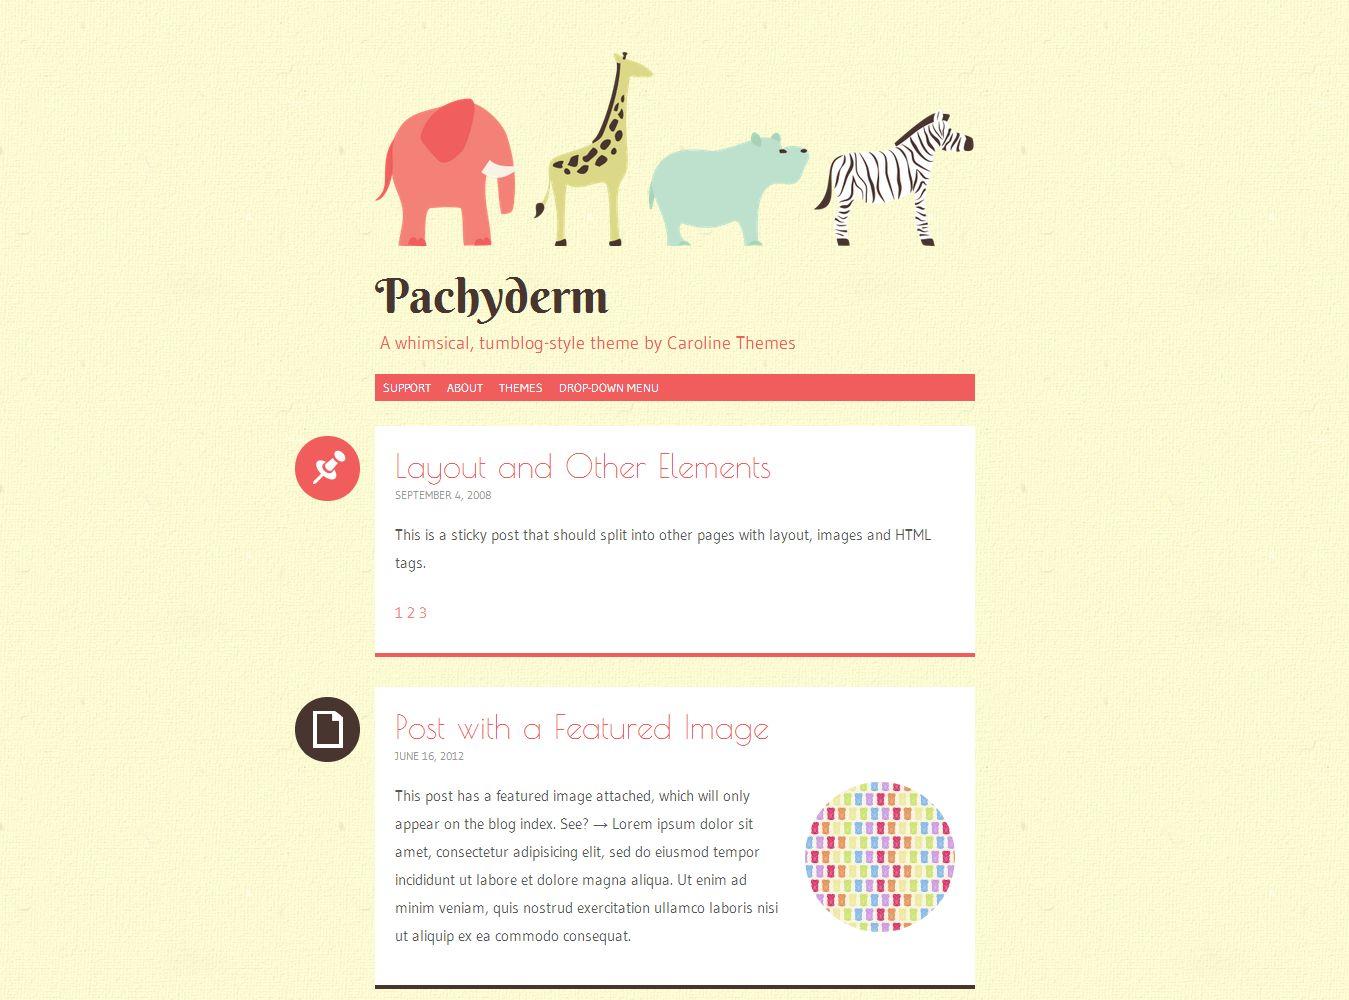 Pachyderm - A whimsical, tumblog-style theme